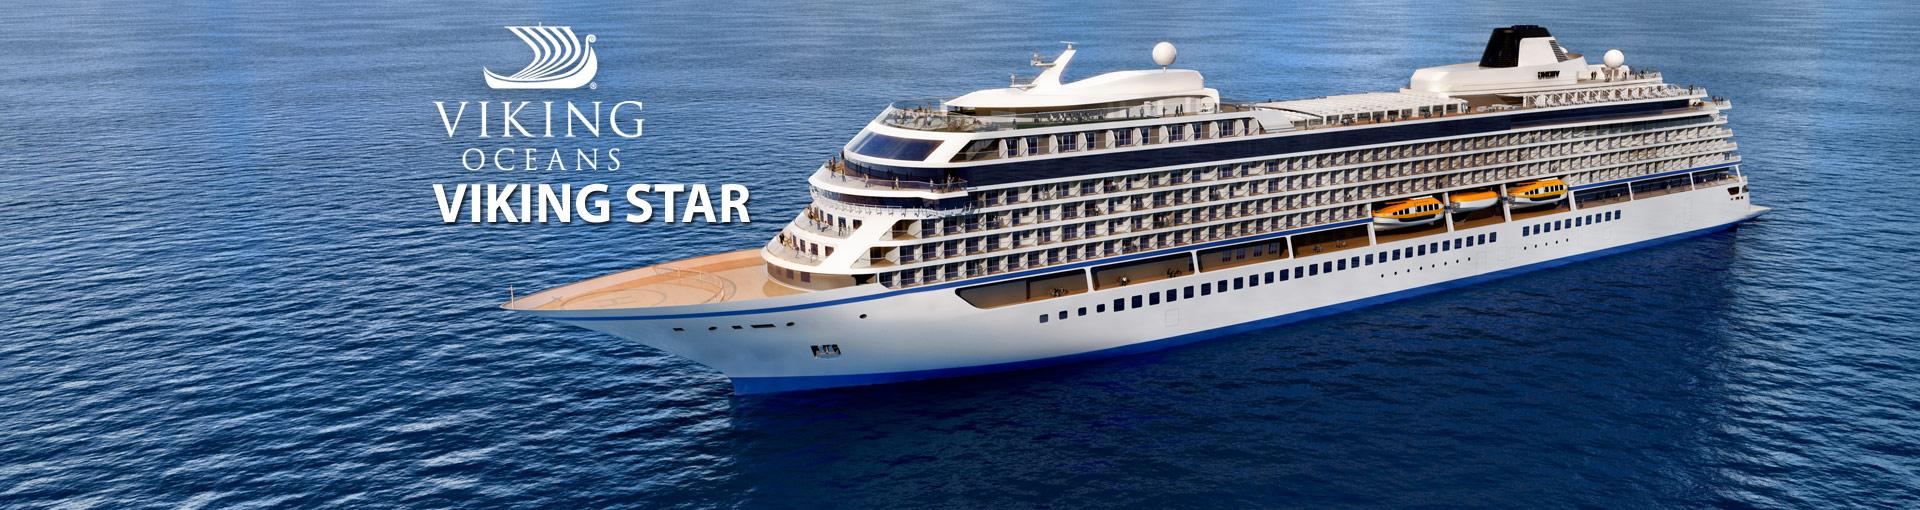 Viking Star Cruise Ship 2017 And 2018 Viking Star